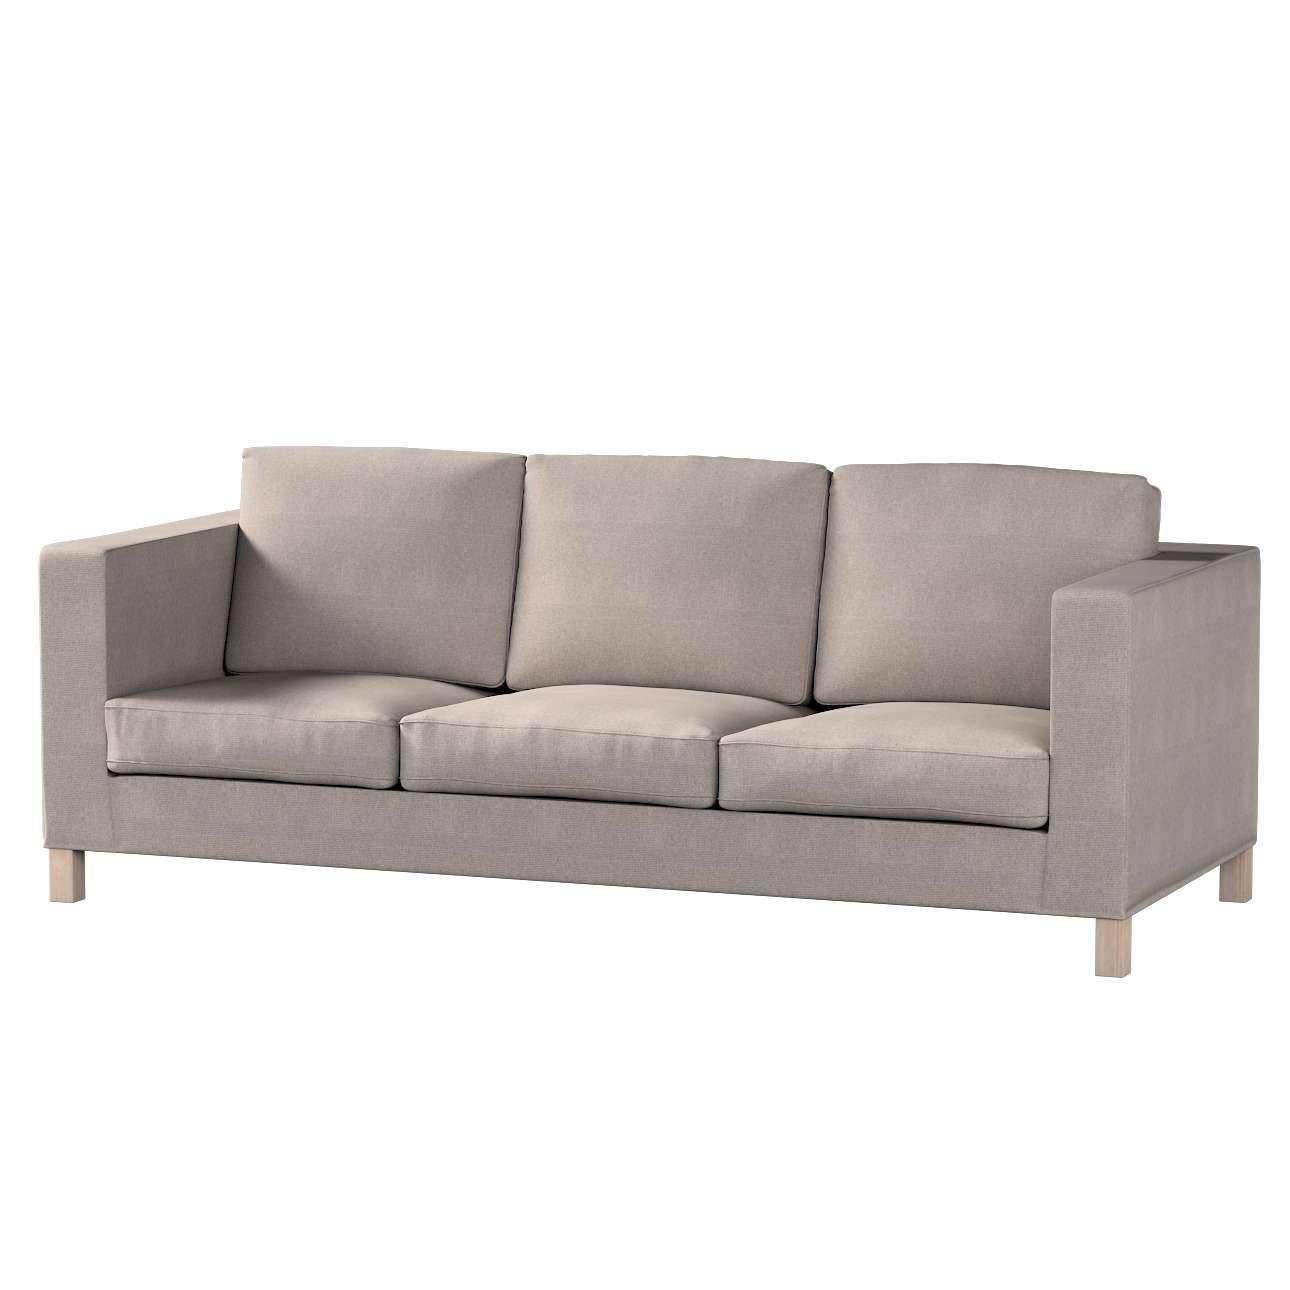 Pokrowiec na sofę Karlanda 3-osobową nierozkładaną, krótki Sofa Karlanda 3-os w kolekcji Etna , tkanina: 705-09